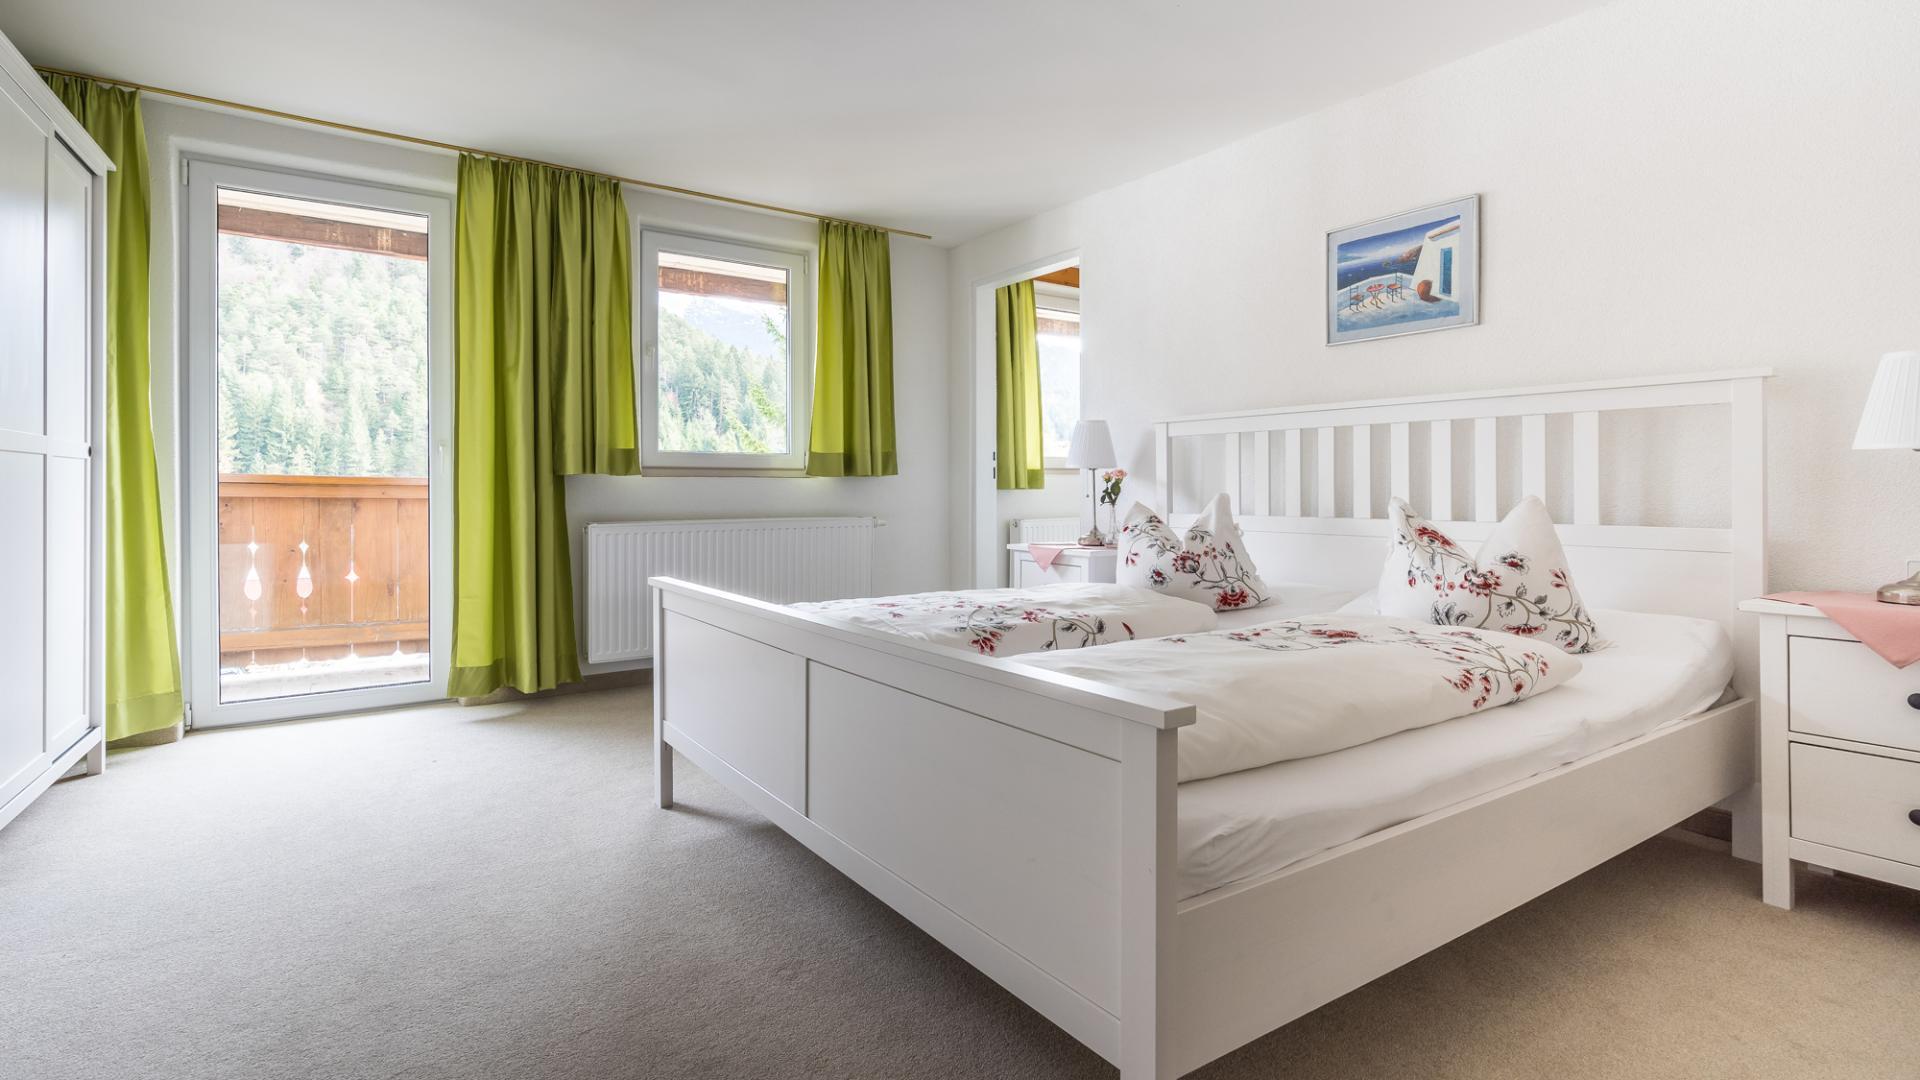 Landhaus Riedl #Willkommen#Wohneinheiten#Preise#Anfragen#Buchen#Bildergalerie#Impressum#Sitemap